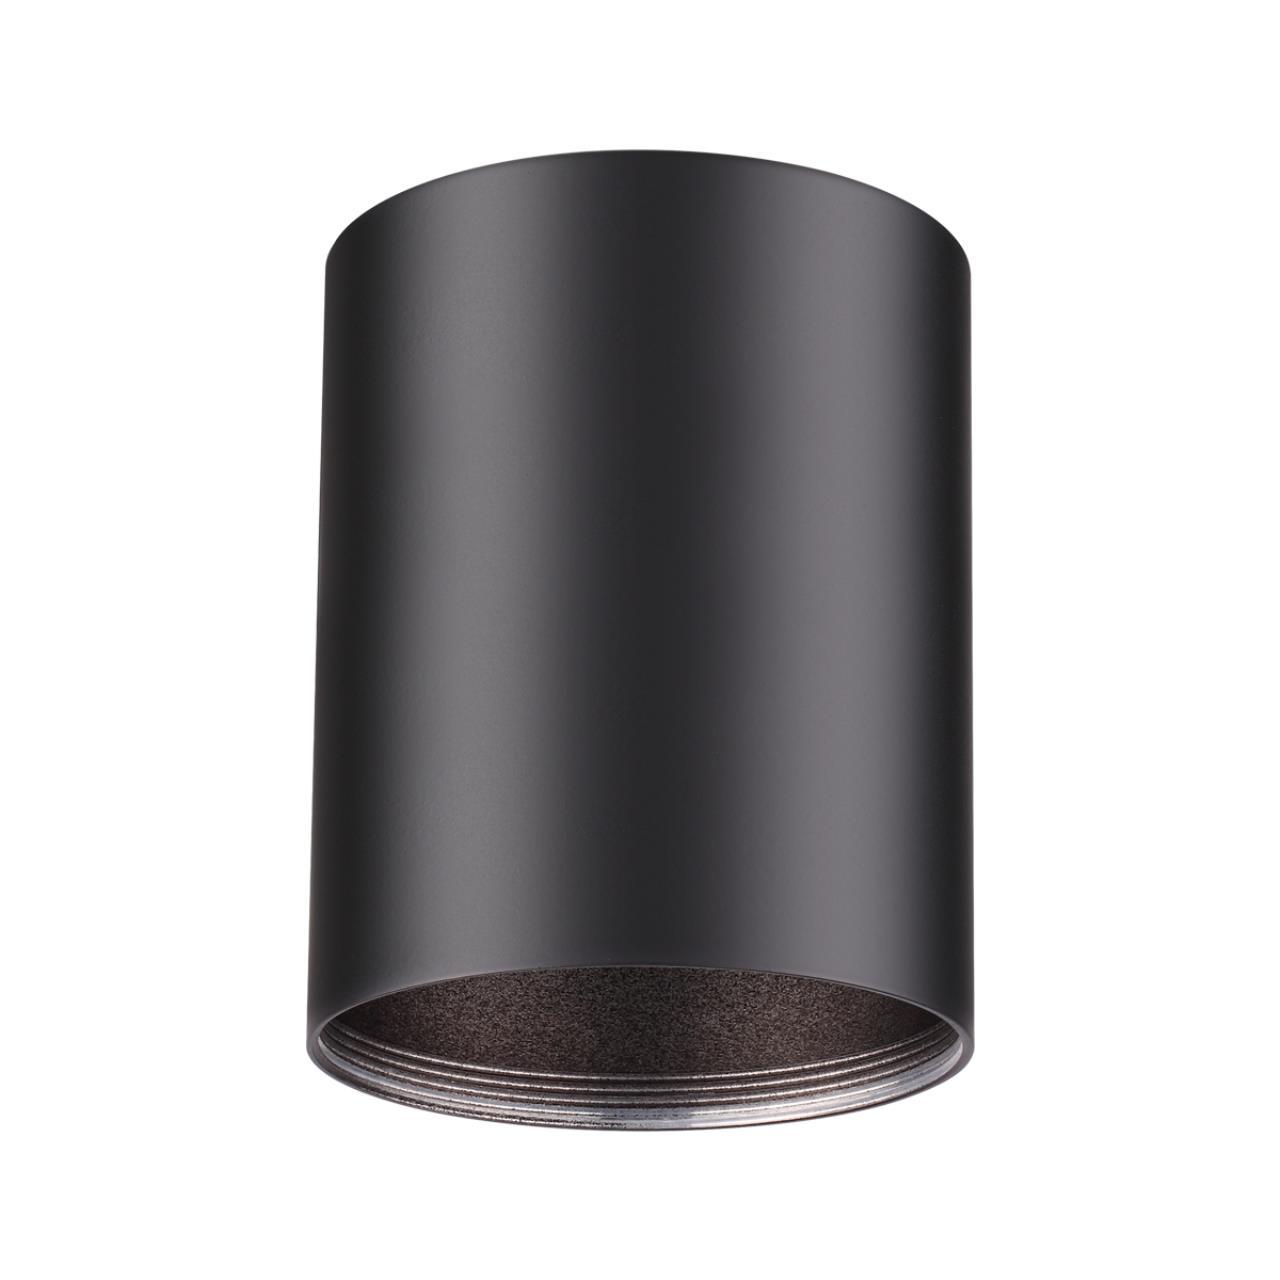 370530 KONST NT19 029 черный Накладной светильник IP20 GU10 220V UNITE